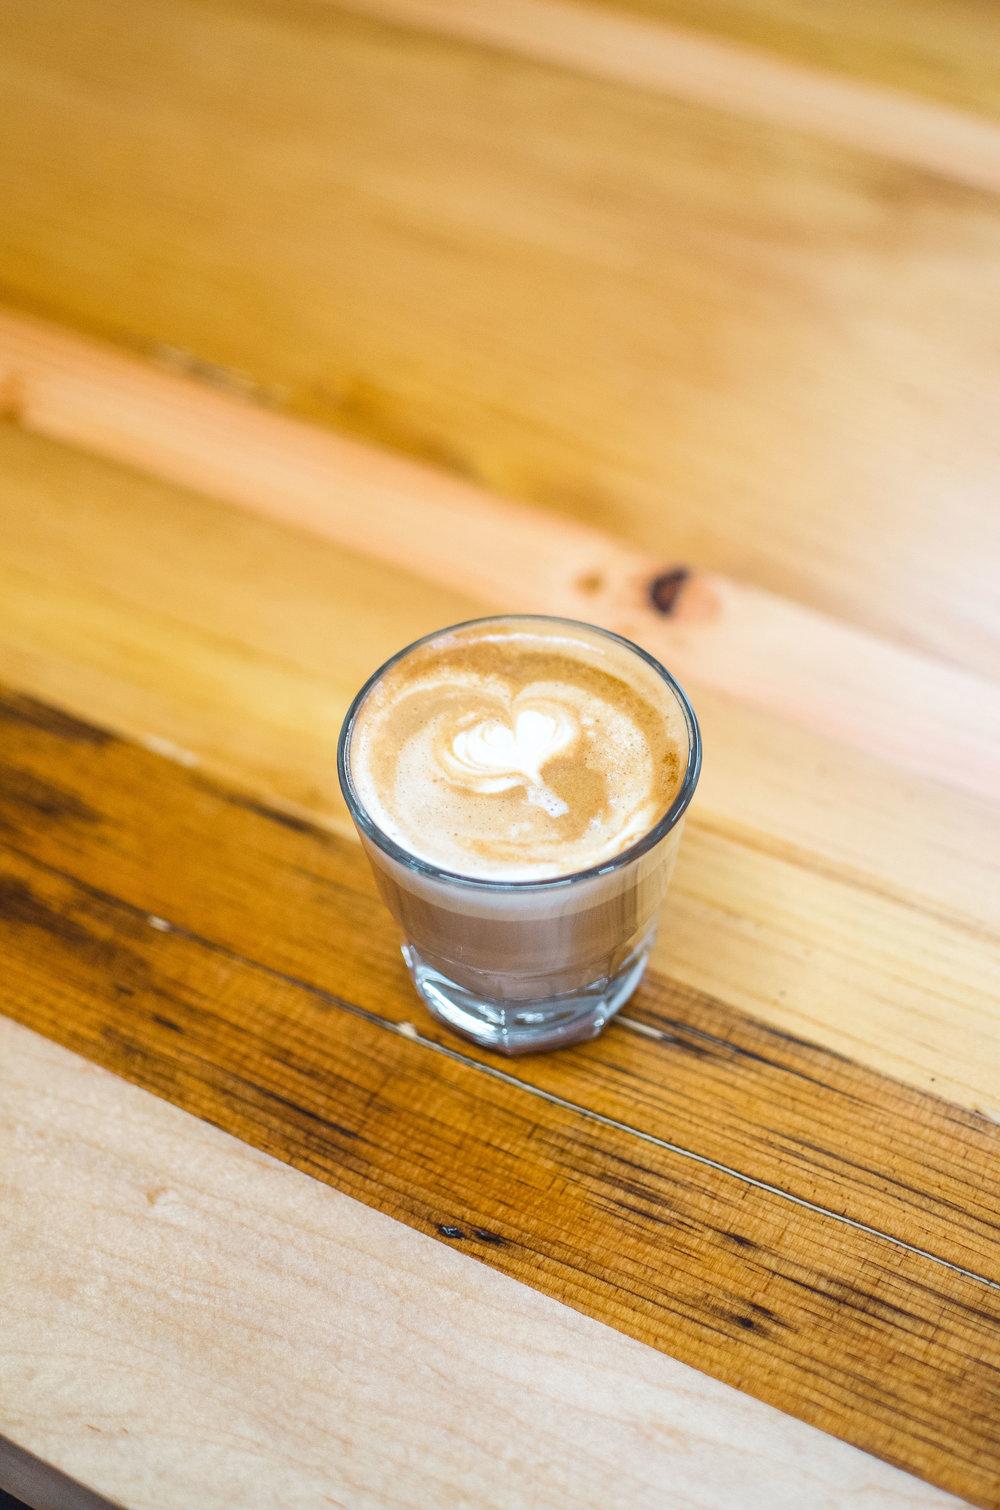 Wendling_Boyd_Foster_Flint_Fwrd_Coffee_Shop-4.jpg